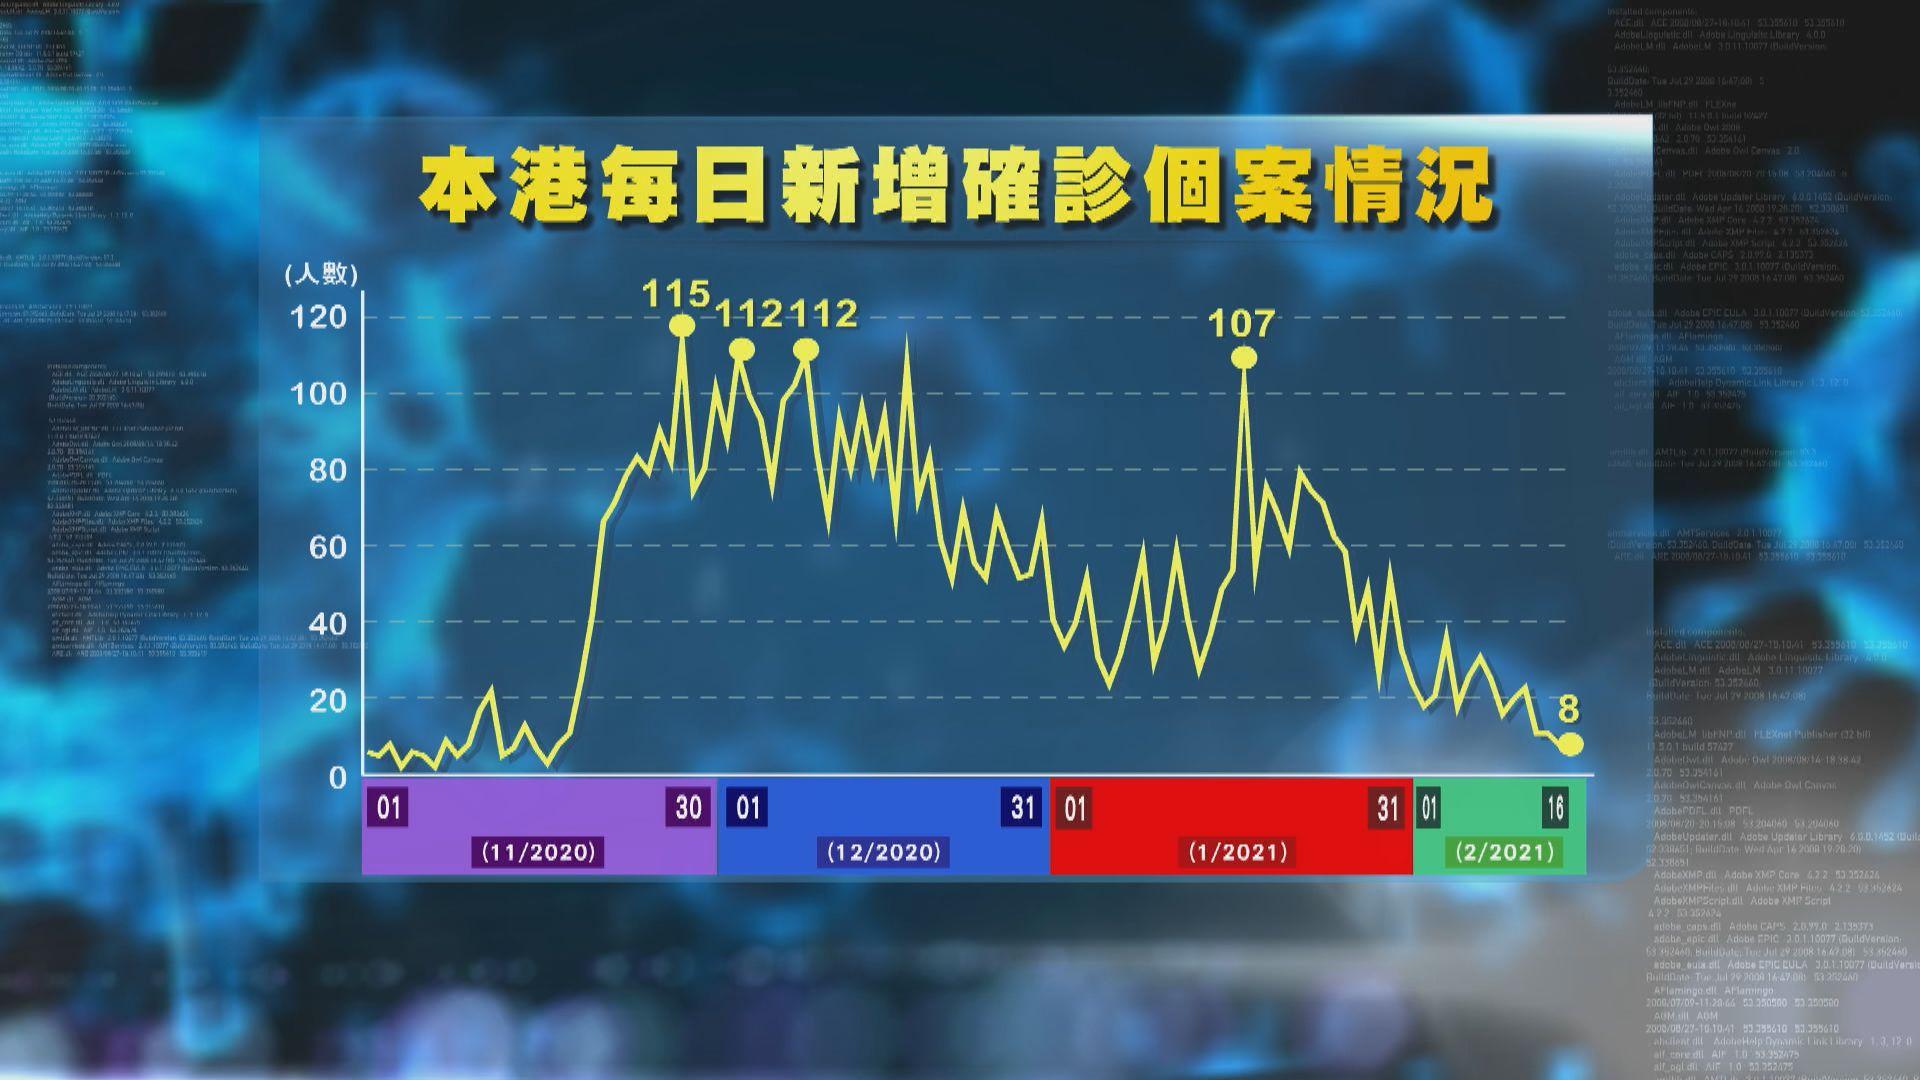 連續兩日維持單位數確診 專家憂農曆年假後數字回升